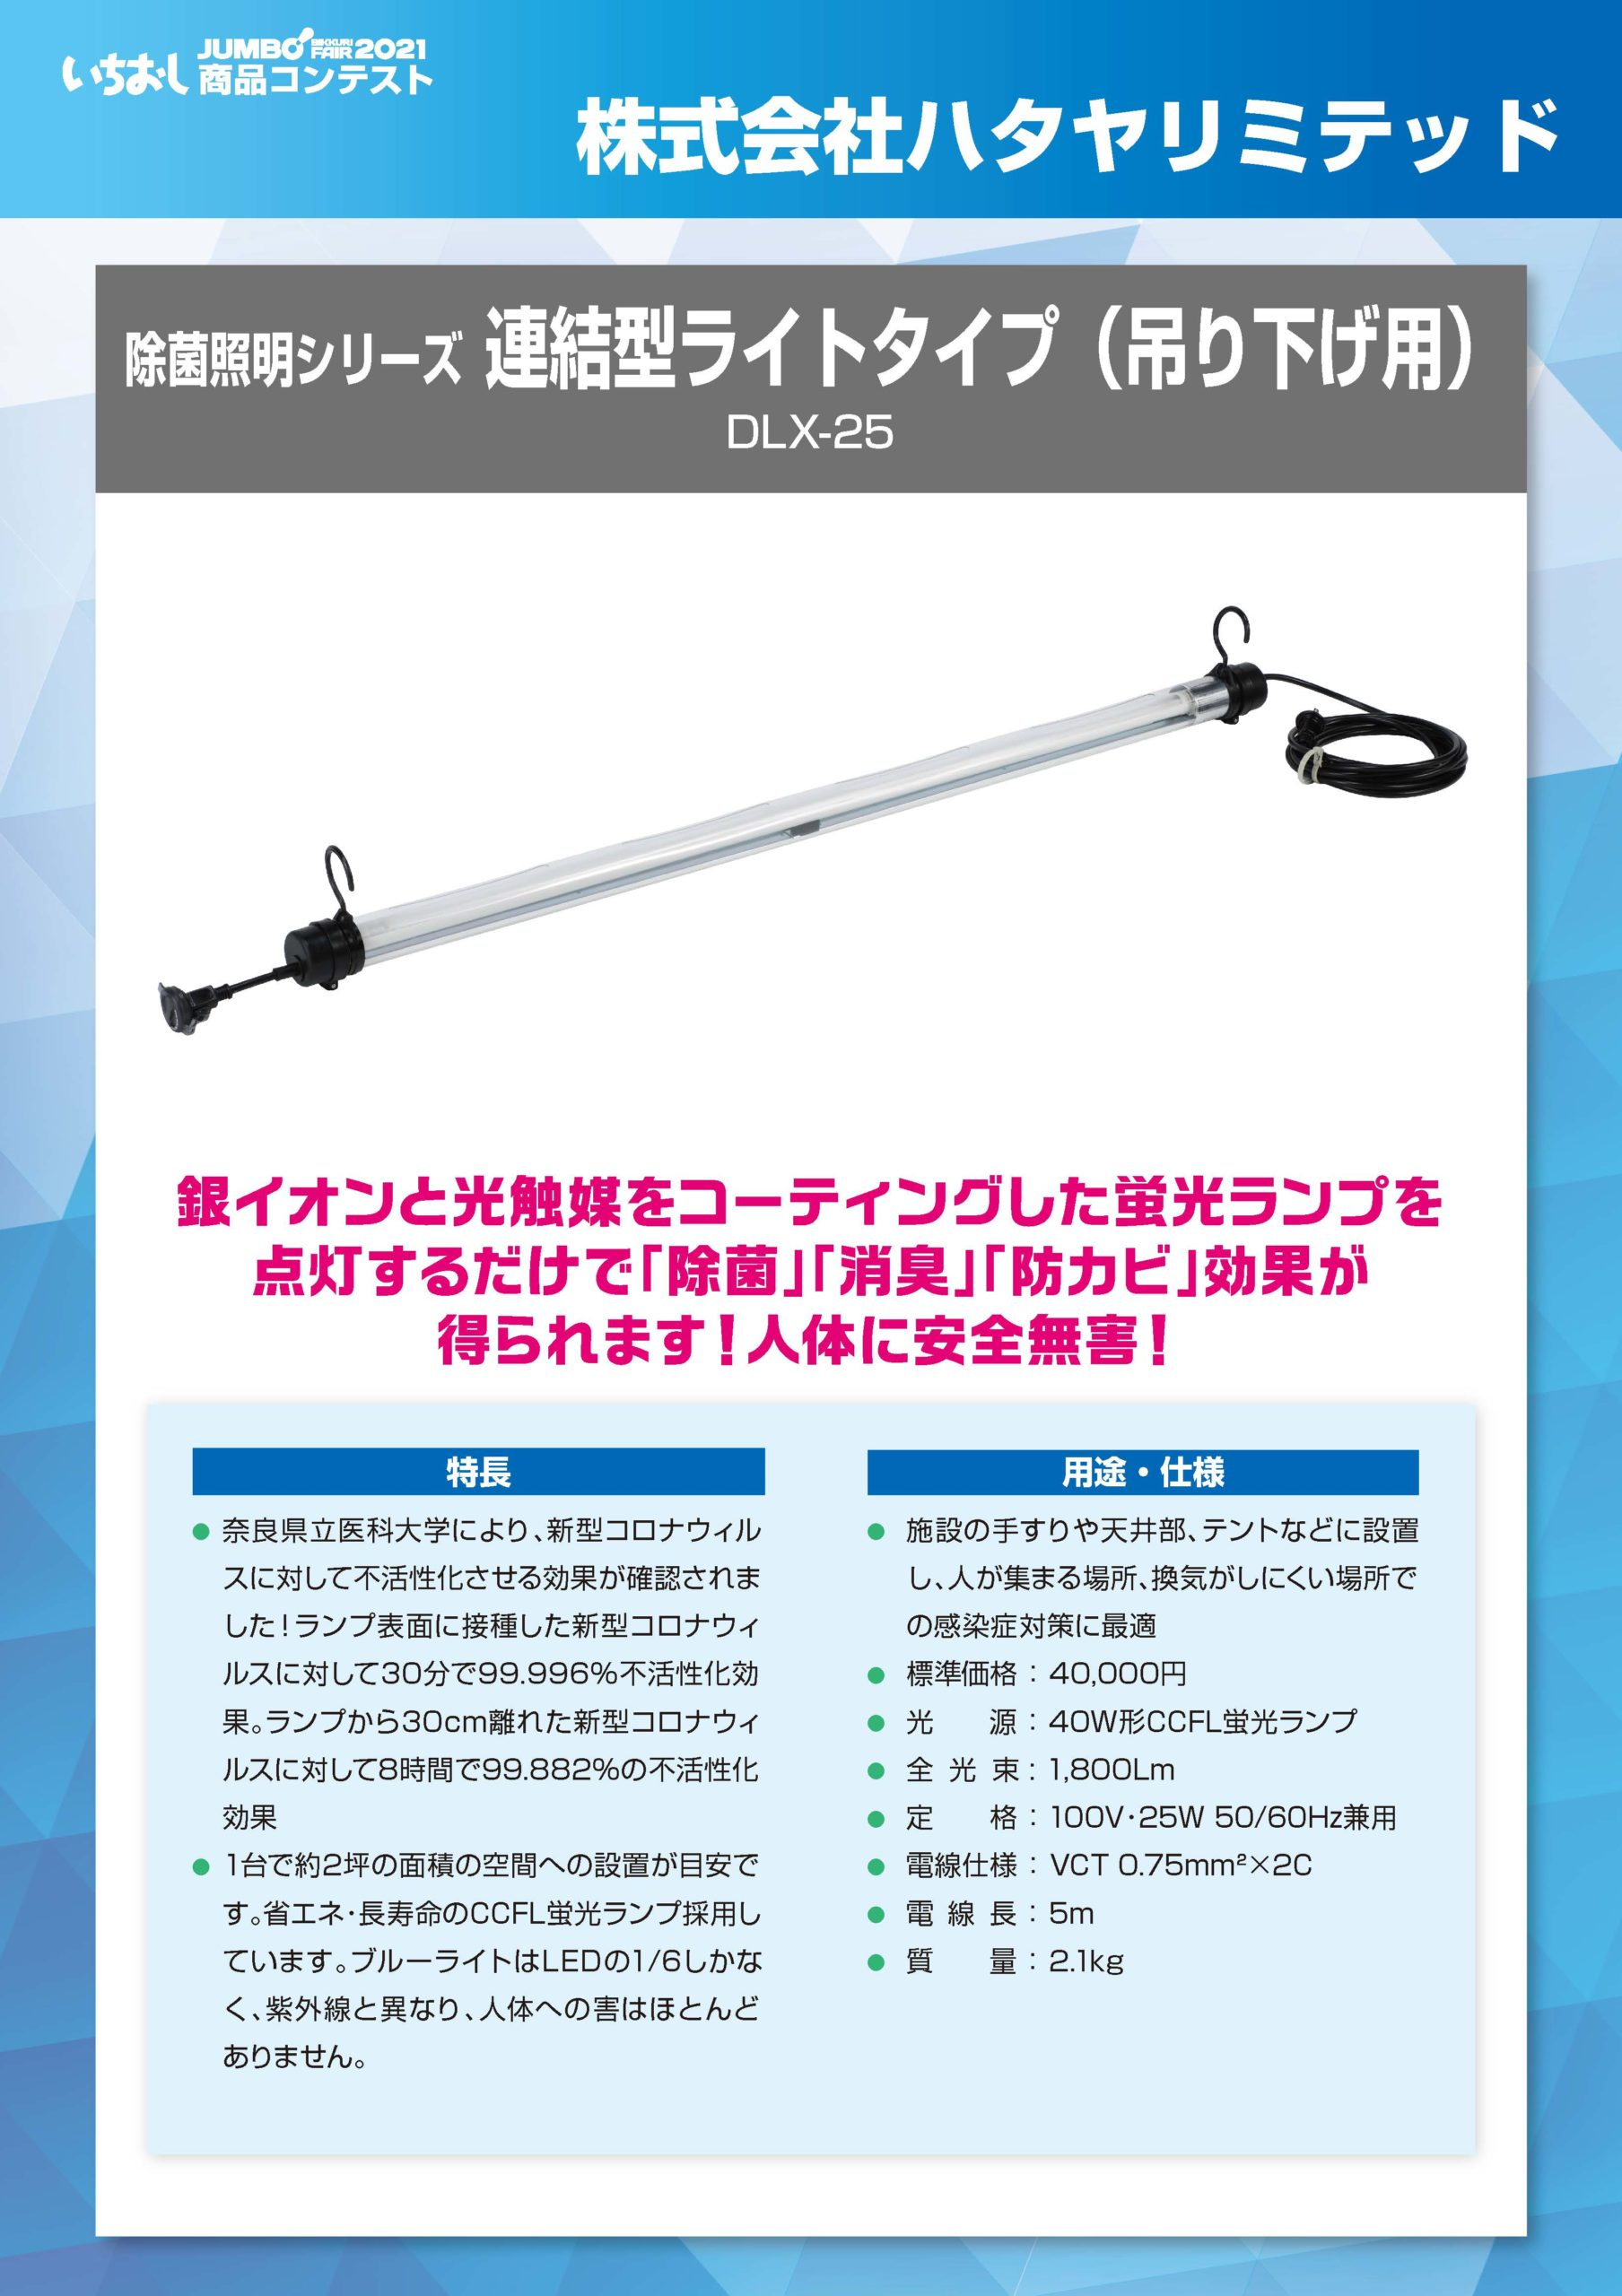 「除菌照明シリーズ 連結型ライトタイプ(吊り下げ用)」株式会社ハタヤリミテッドの画像